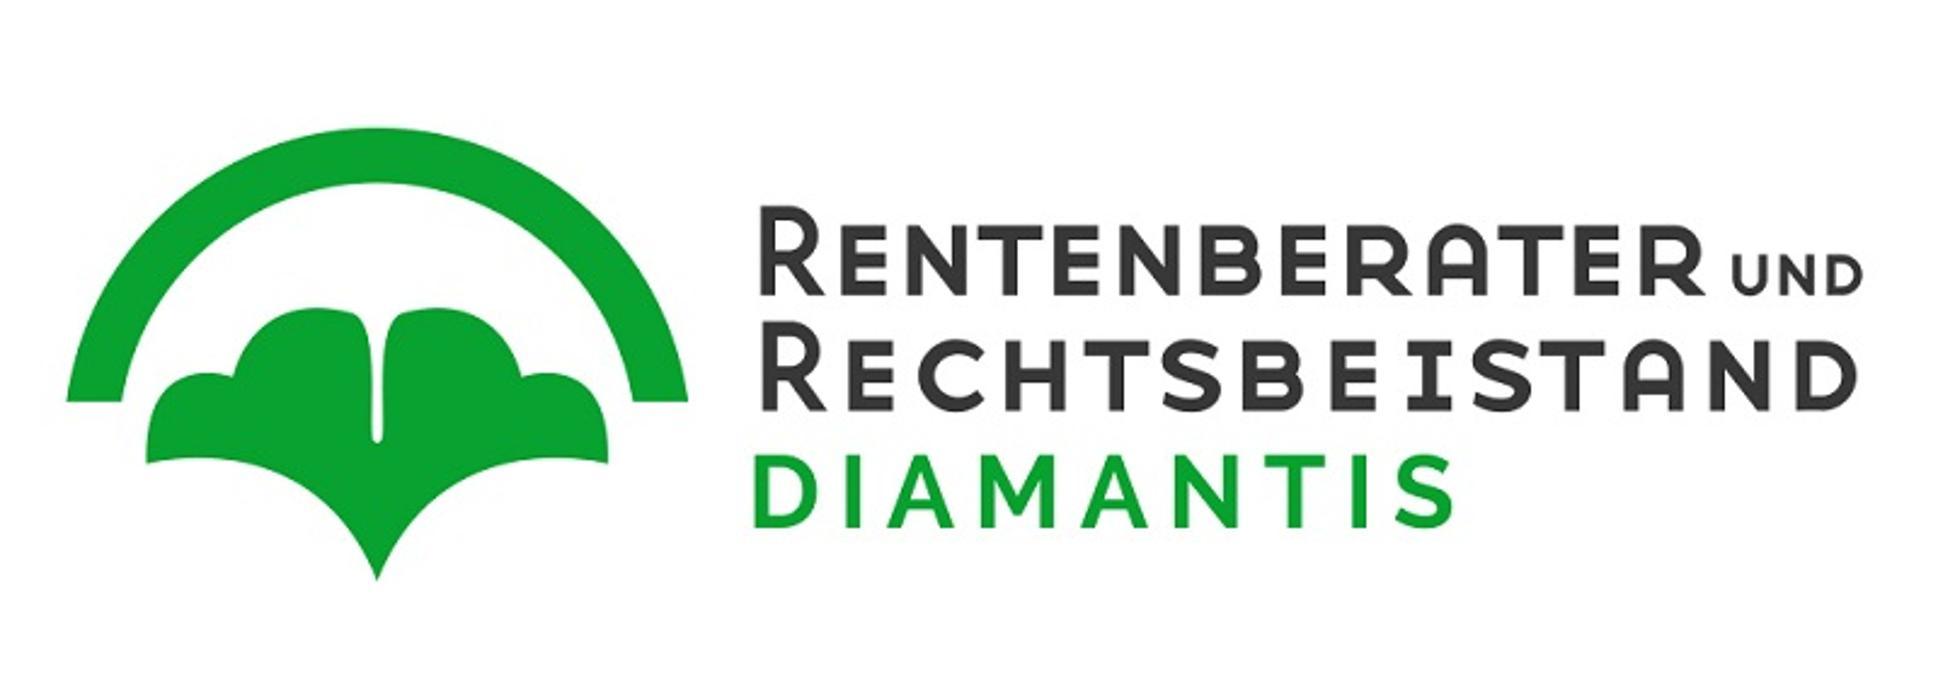 Bild zu Rentenberatung Diamantis in Stuttgart